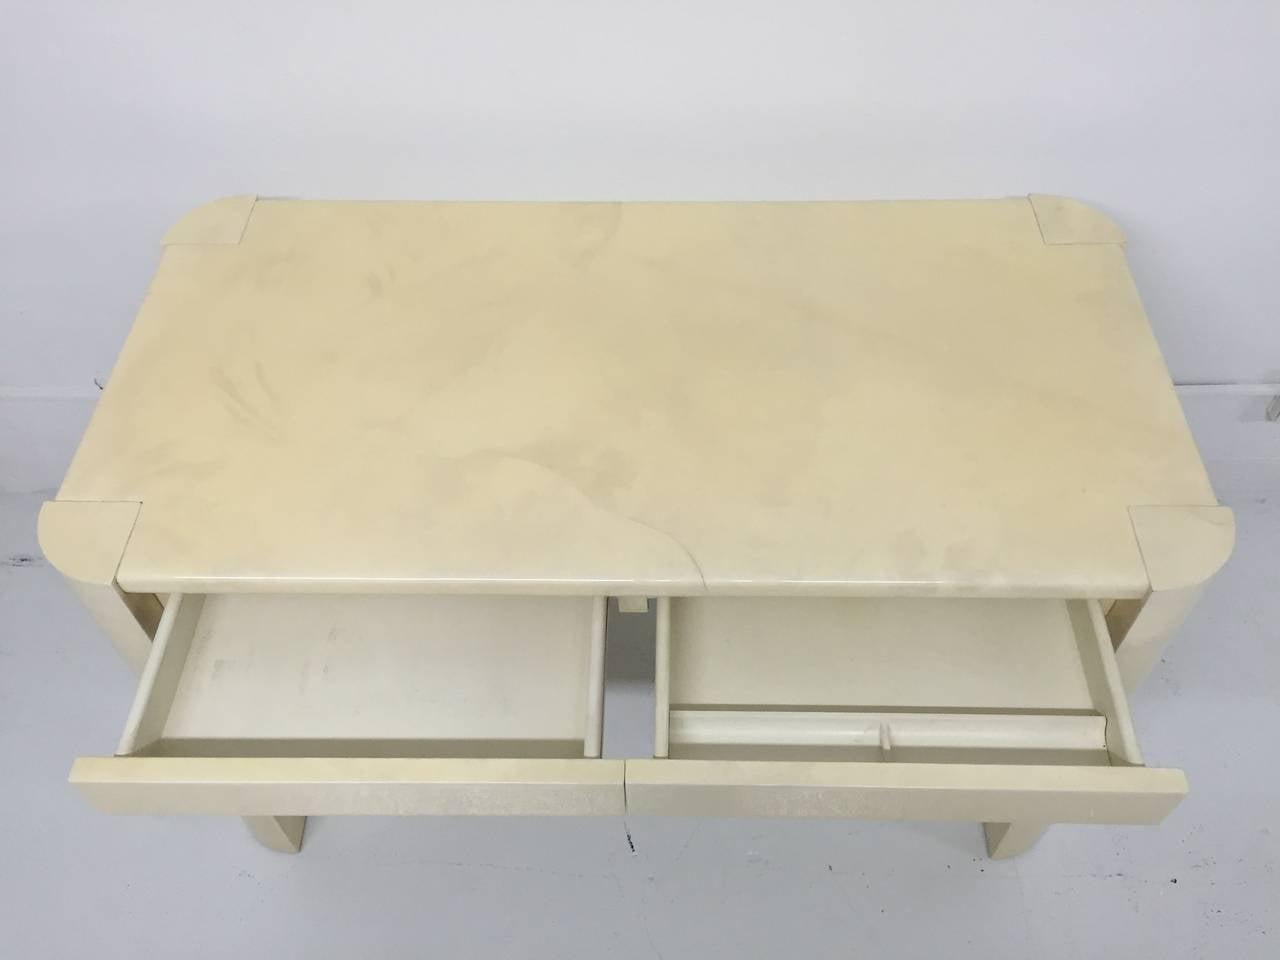 Karl Springer Angular Leg Desk in Ivory Lacquered Goatskin For Sale 2